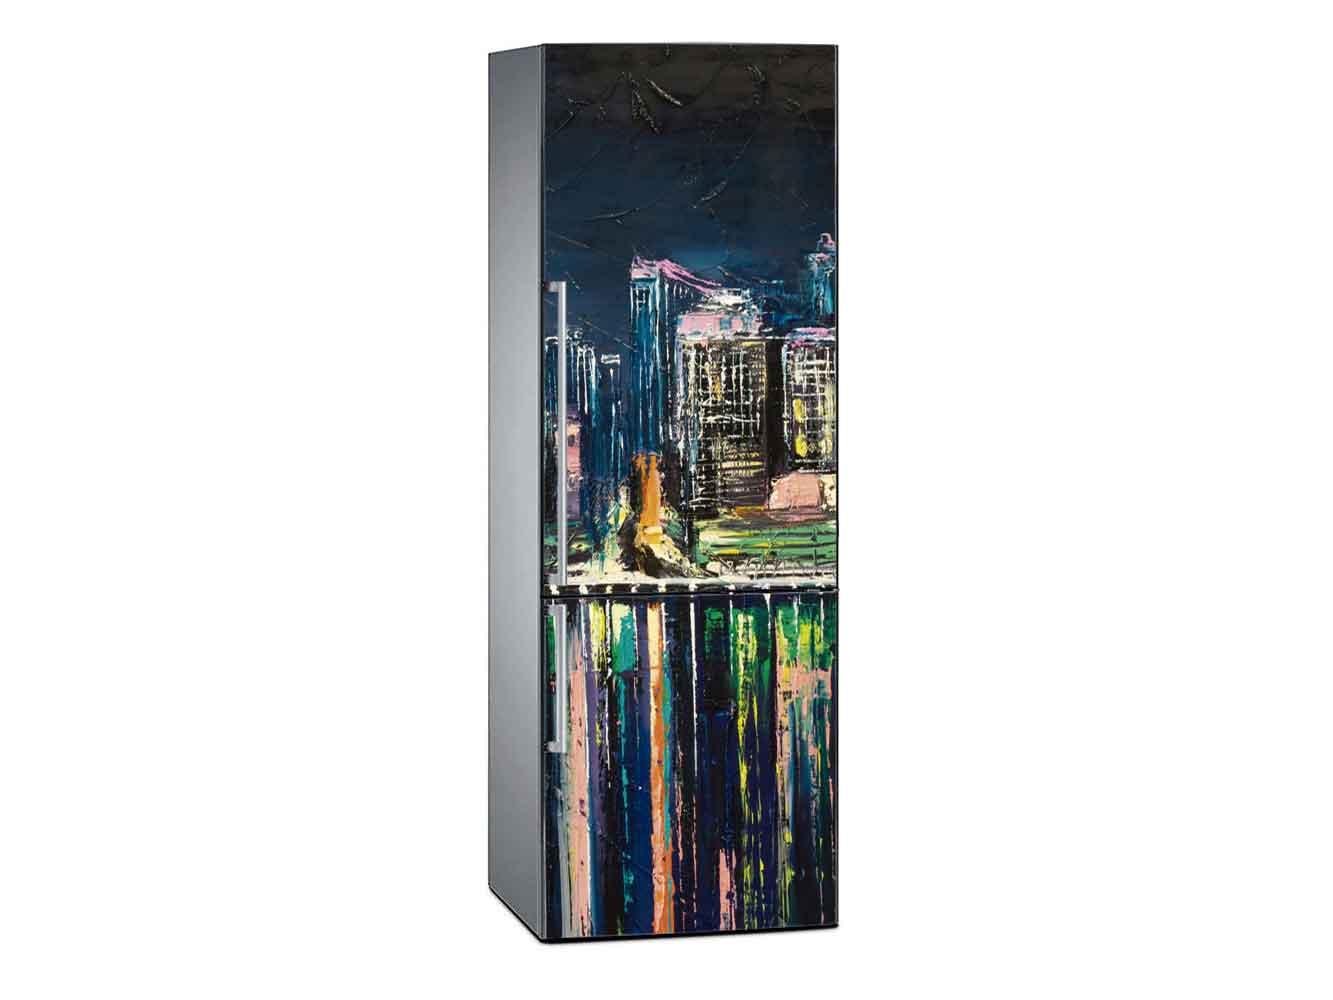 Vinilo Frigorífico Pintura Ciudad Nocturna 3 | Carteles XXL - Impresión carteleria publicitaria